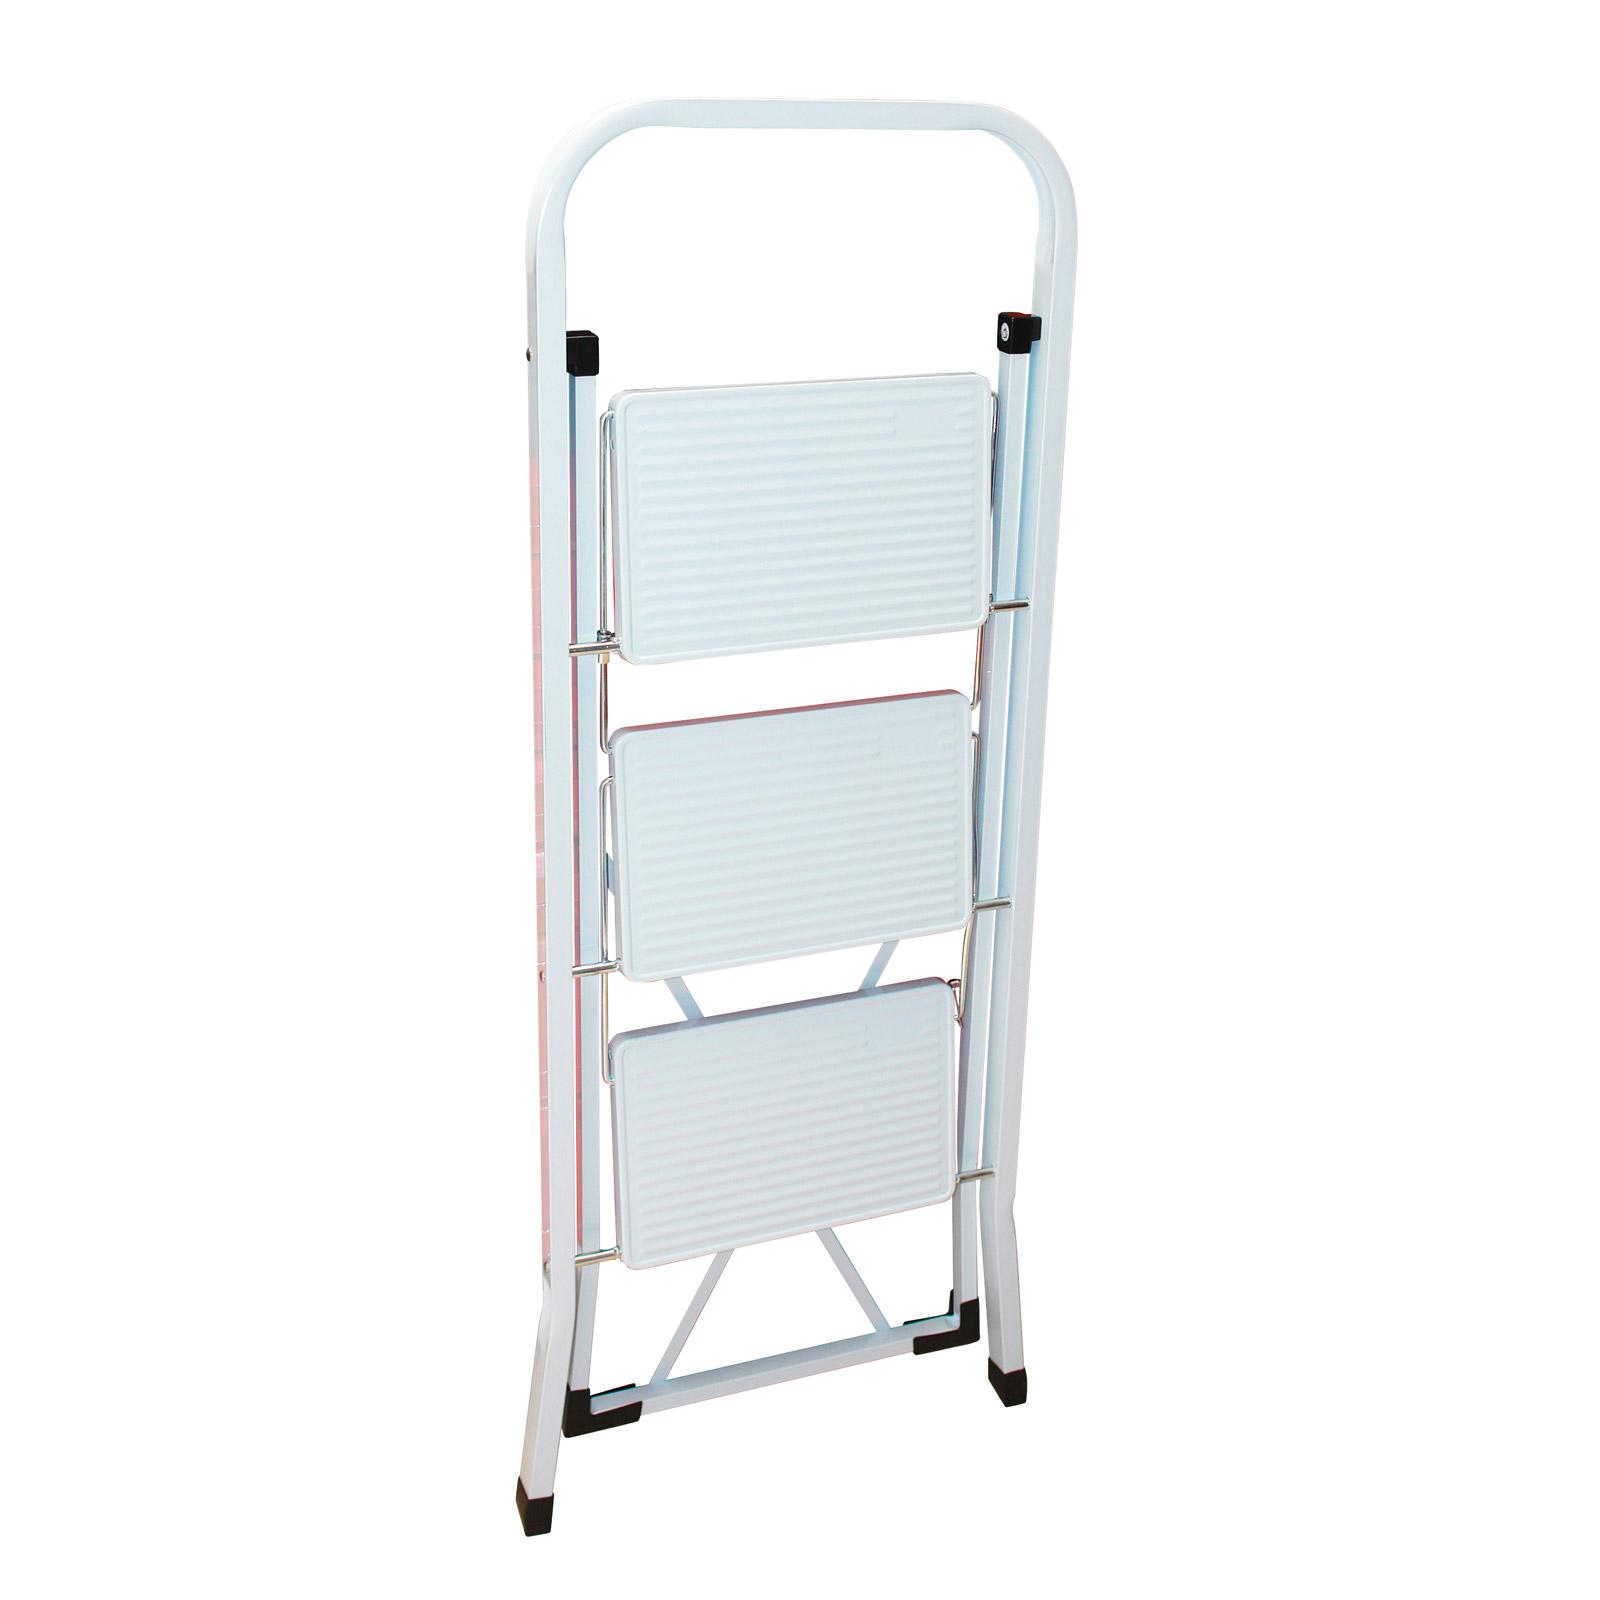 klapptritt leiter haushaltsleiter klappleiter tritt 3 stufen 150kg weiss 911179 ebay. Black Bedroom Furniture Sets. Home Design Ideas